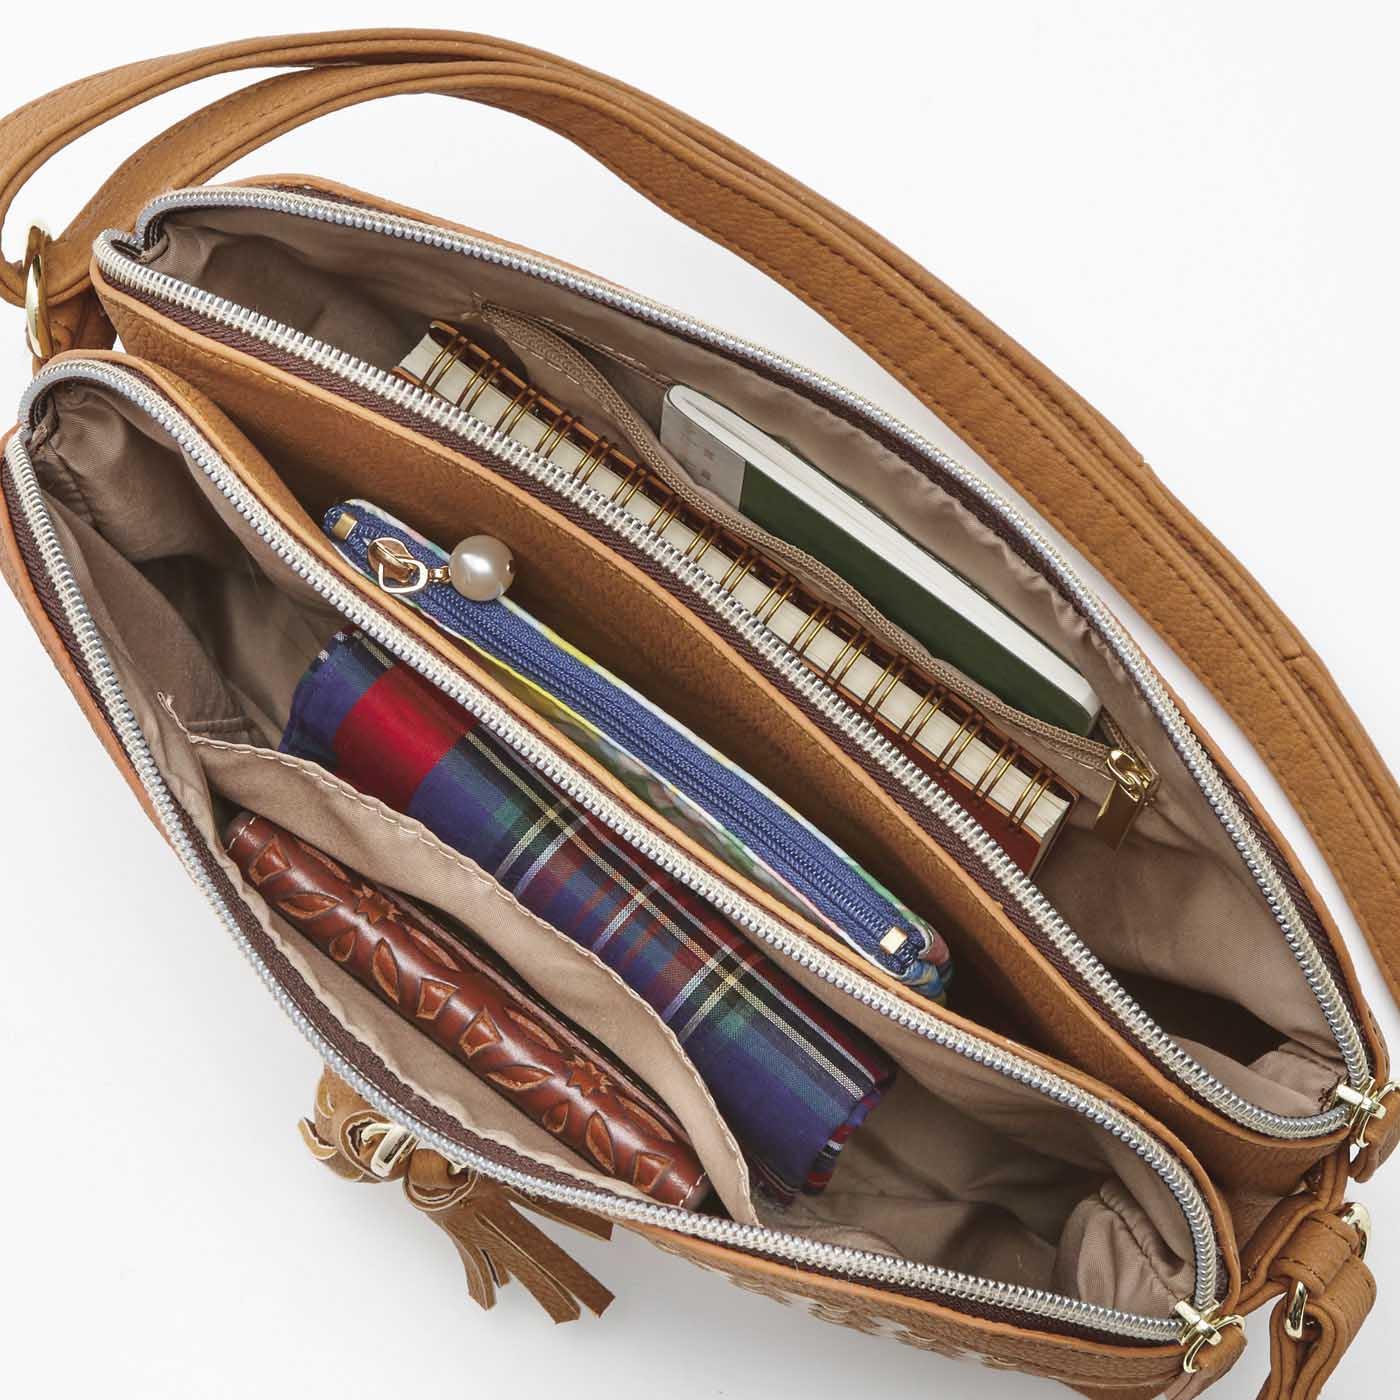 財布、スマホ、ポーチなど、お出かけ必需品を仕分け収納できる3部屋構造。中身もひと目で見渡せて取り出しやすい。